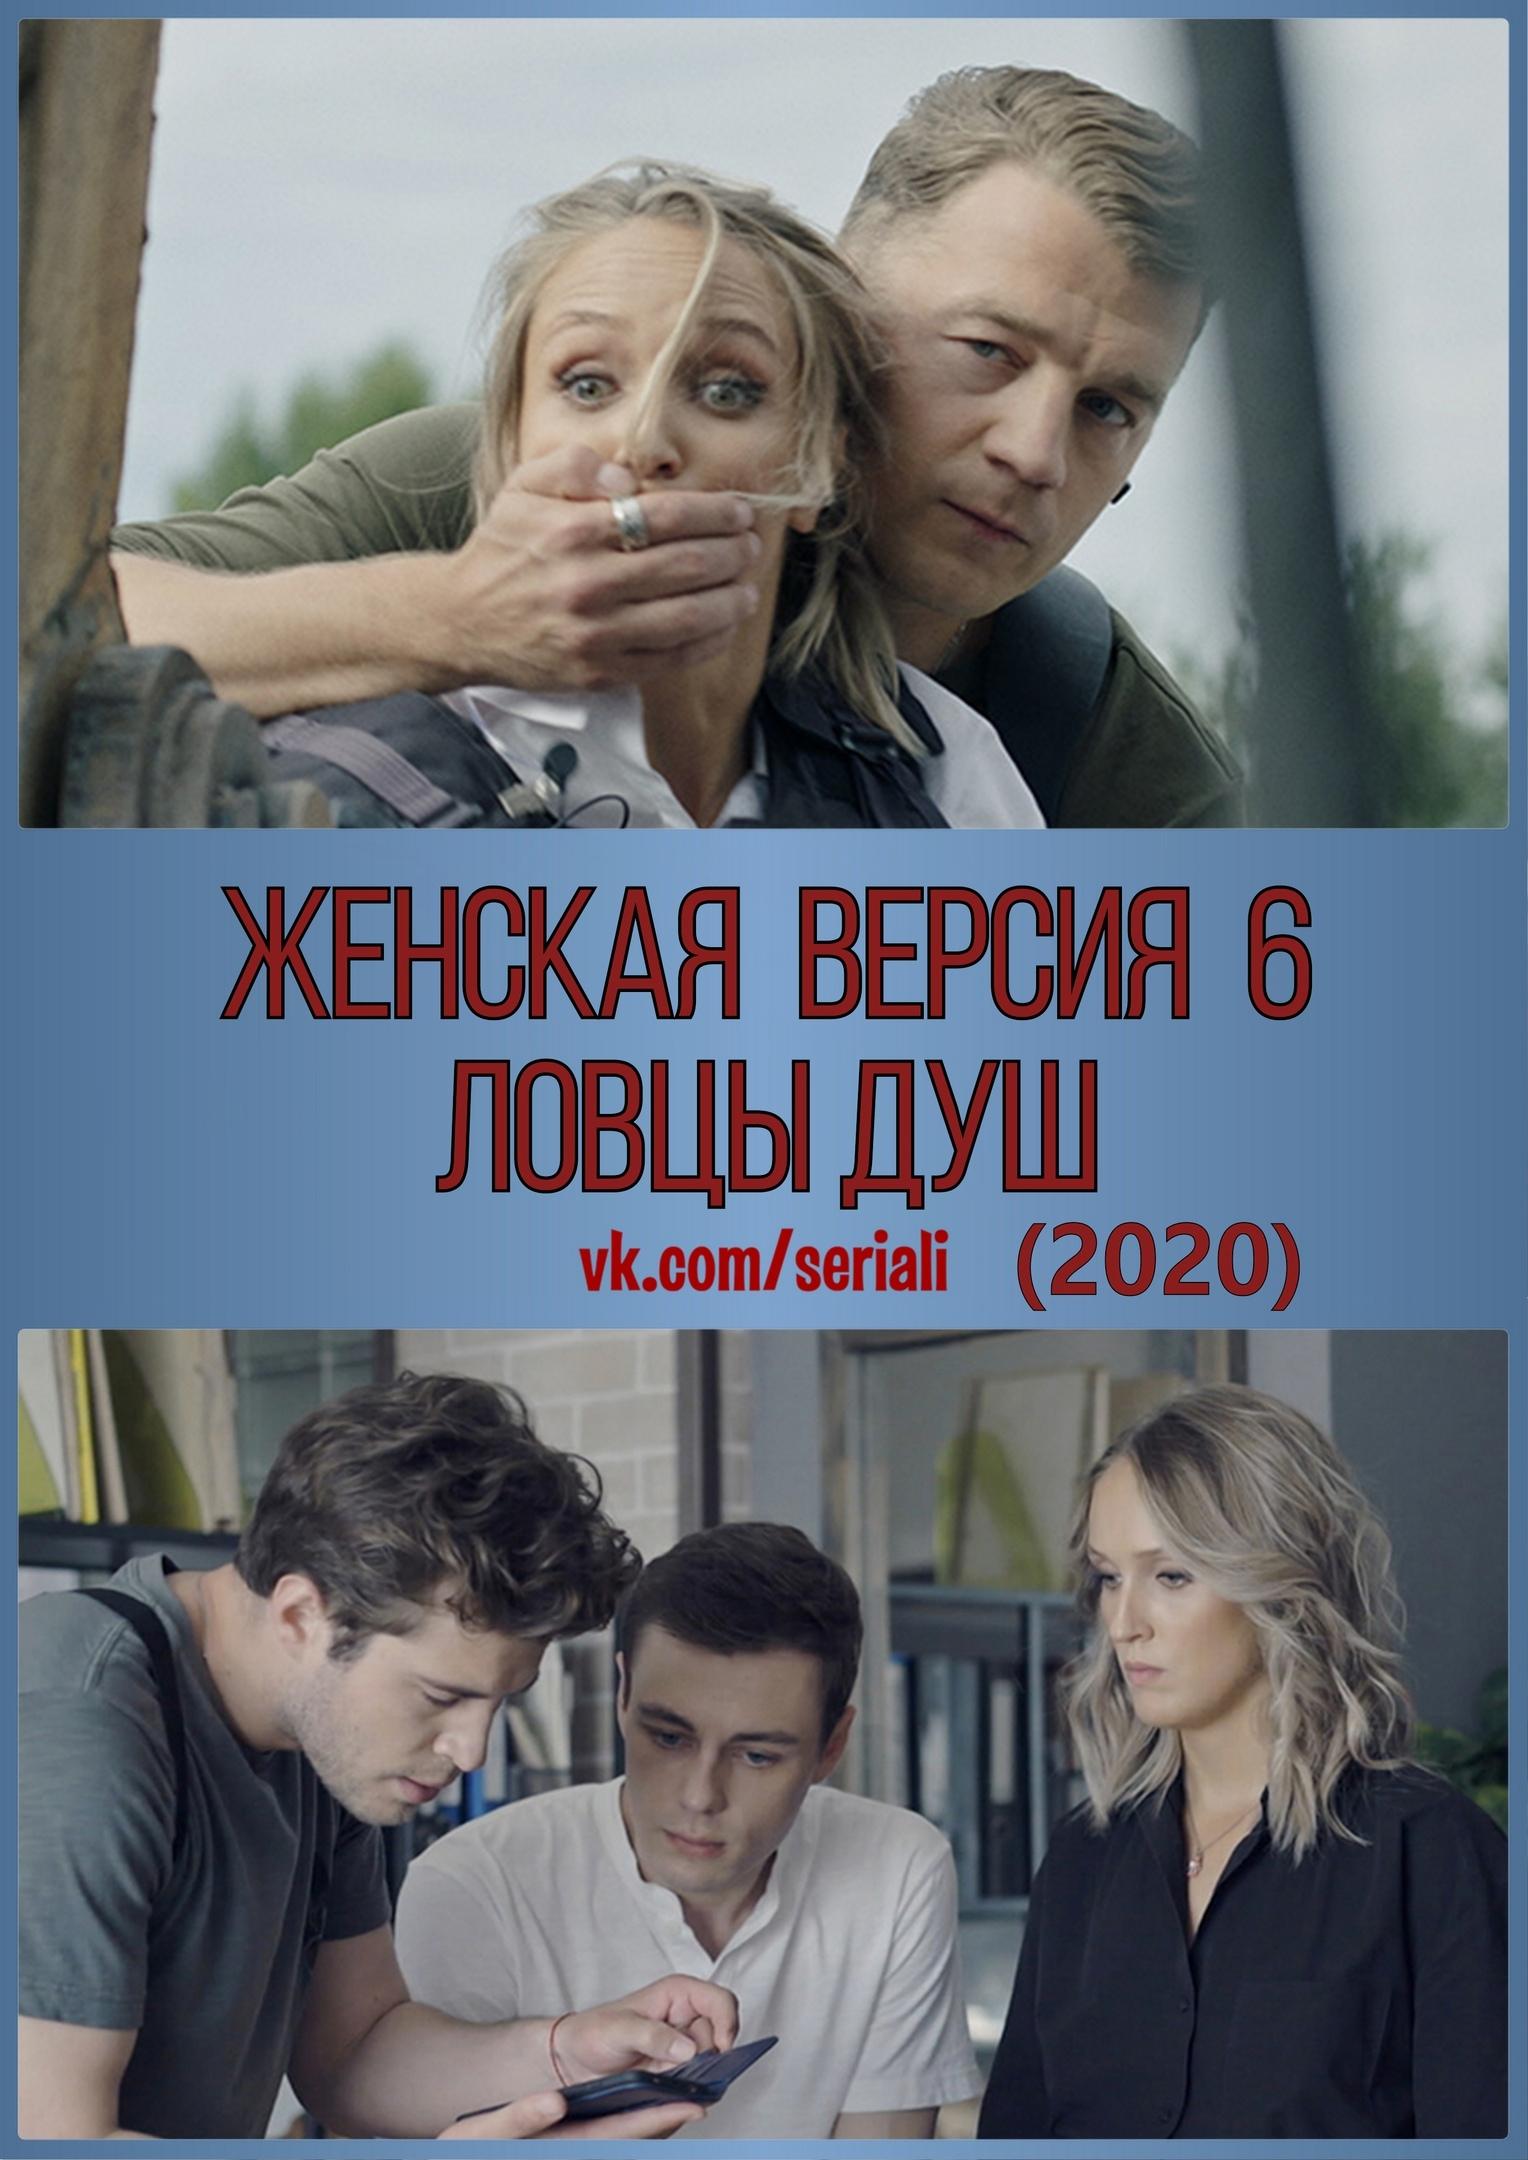 Детектив «Жeнcкaя вepcия 6.